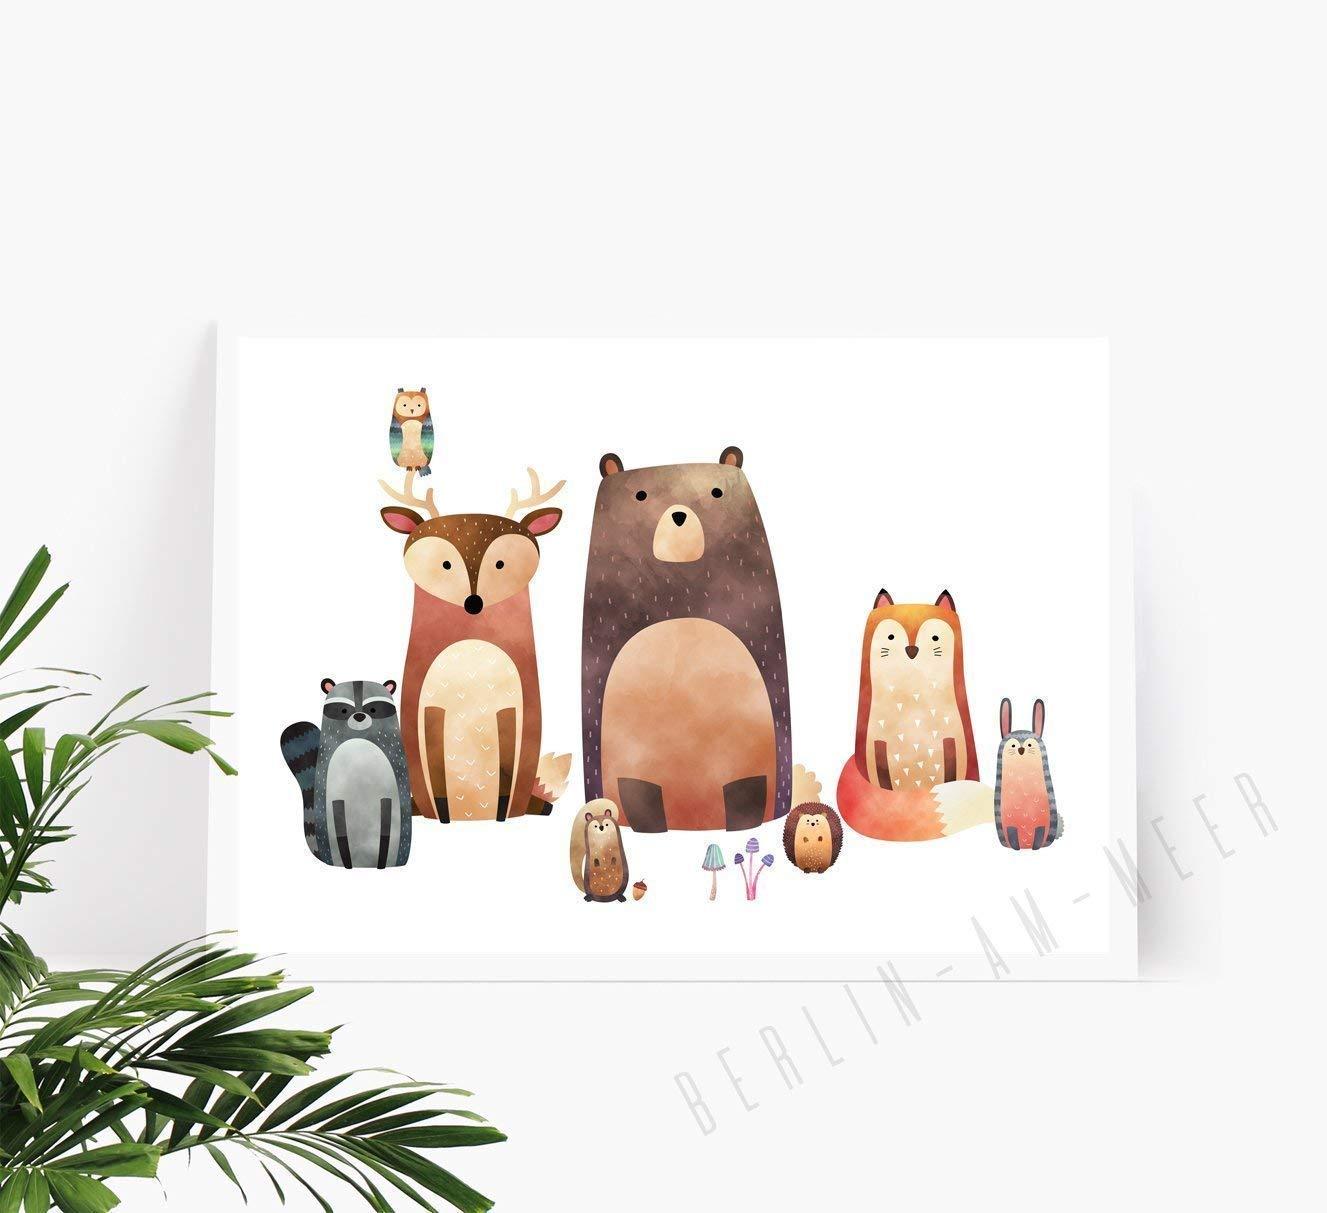 Din A4 Kunstdruck Poster Waldfreunde Ungerahmt Tier Bild